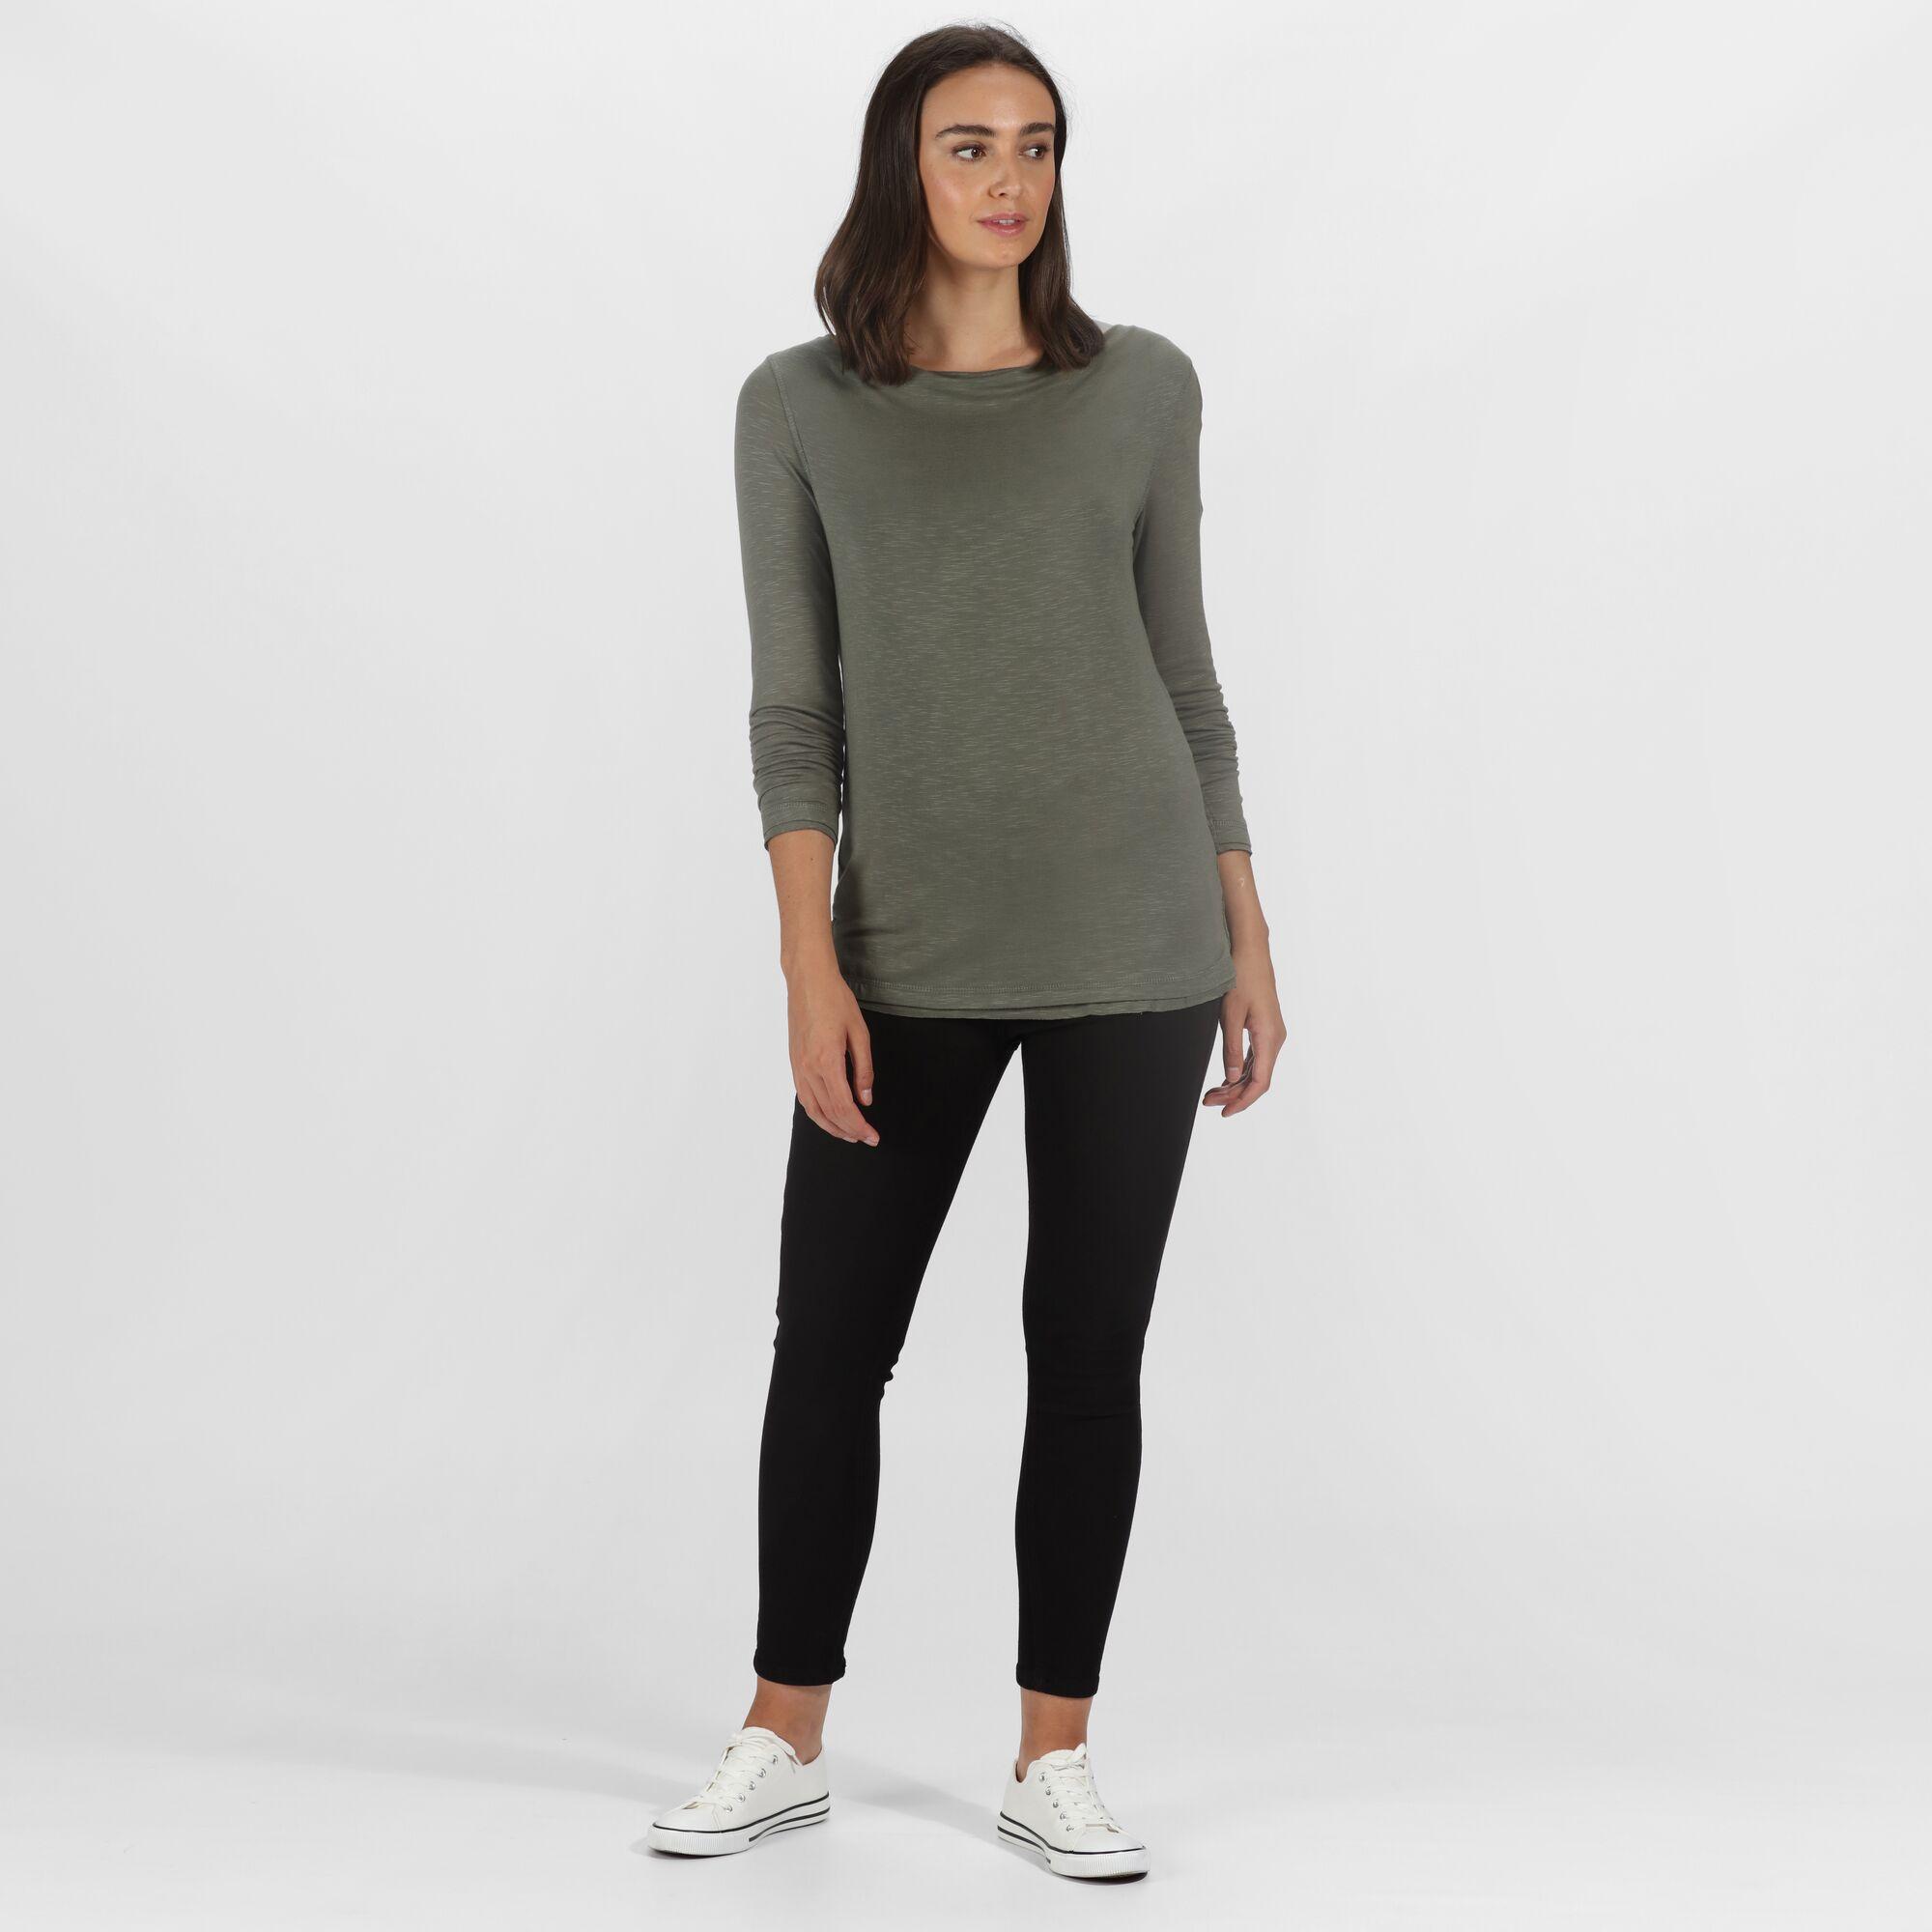 Regatta Women/'s Frayler Long Sleeved T-Shirt Green